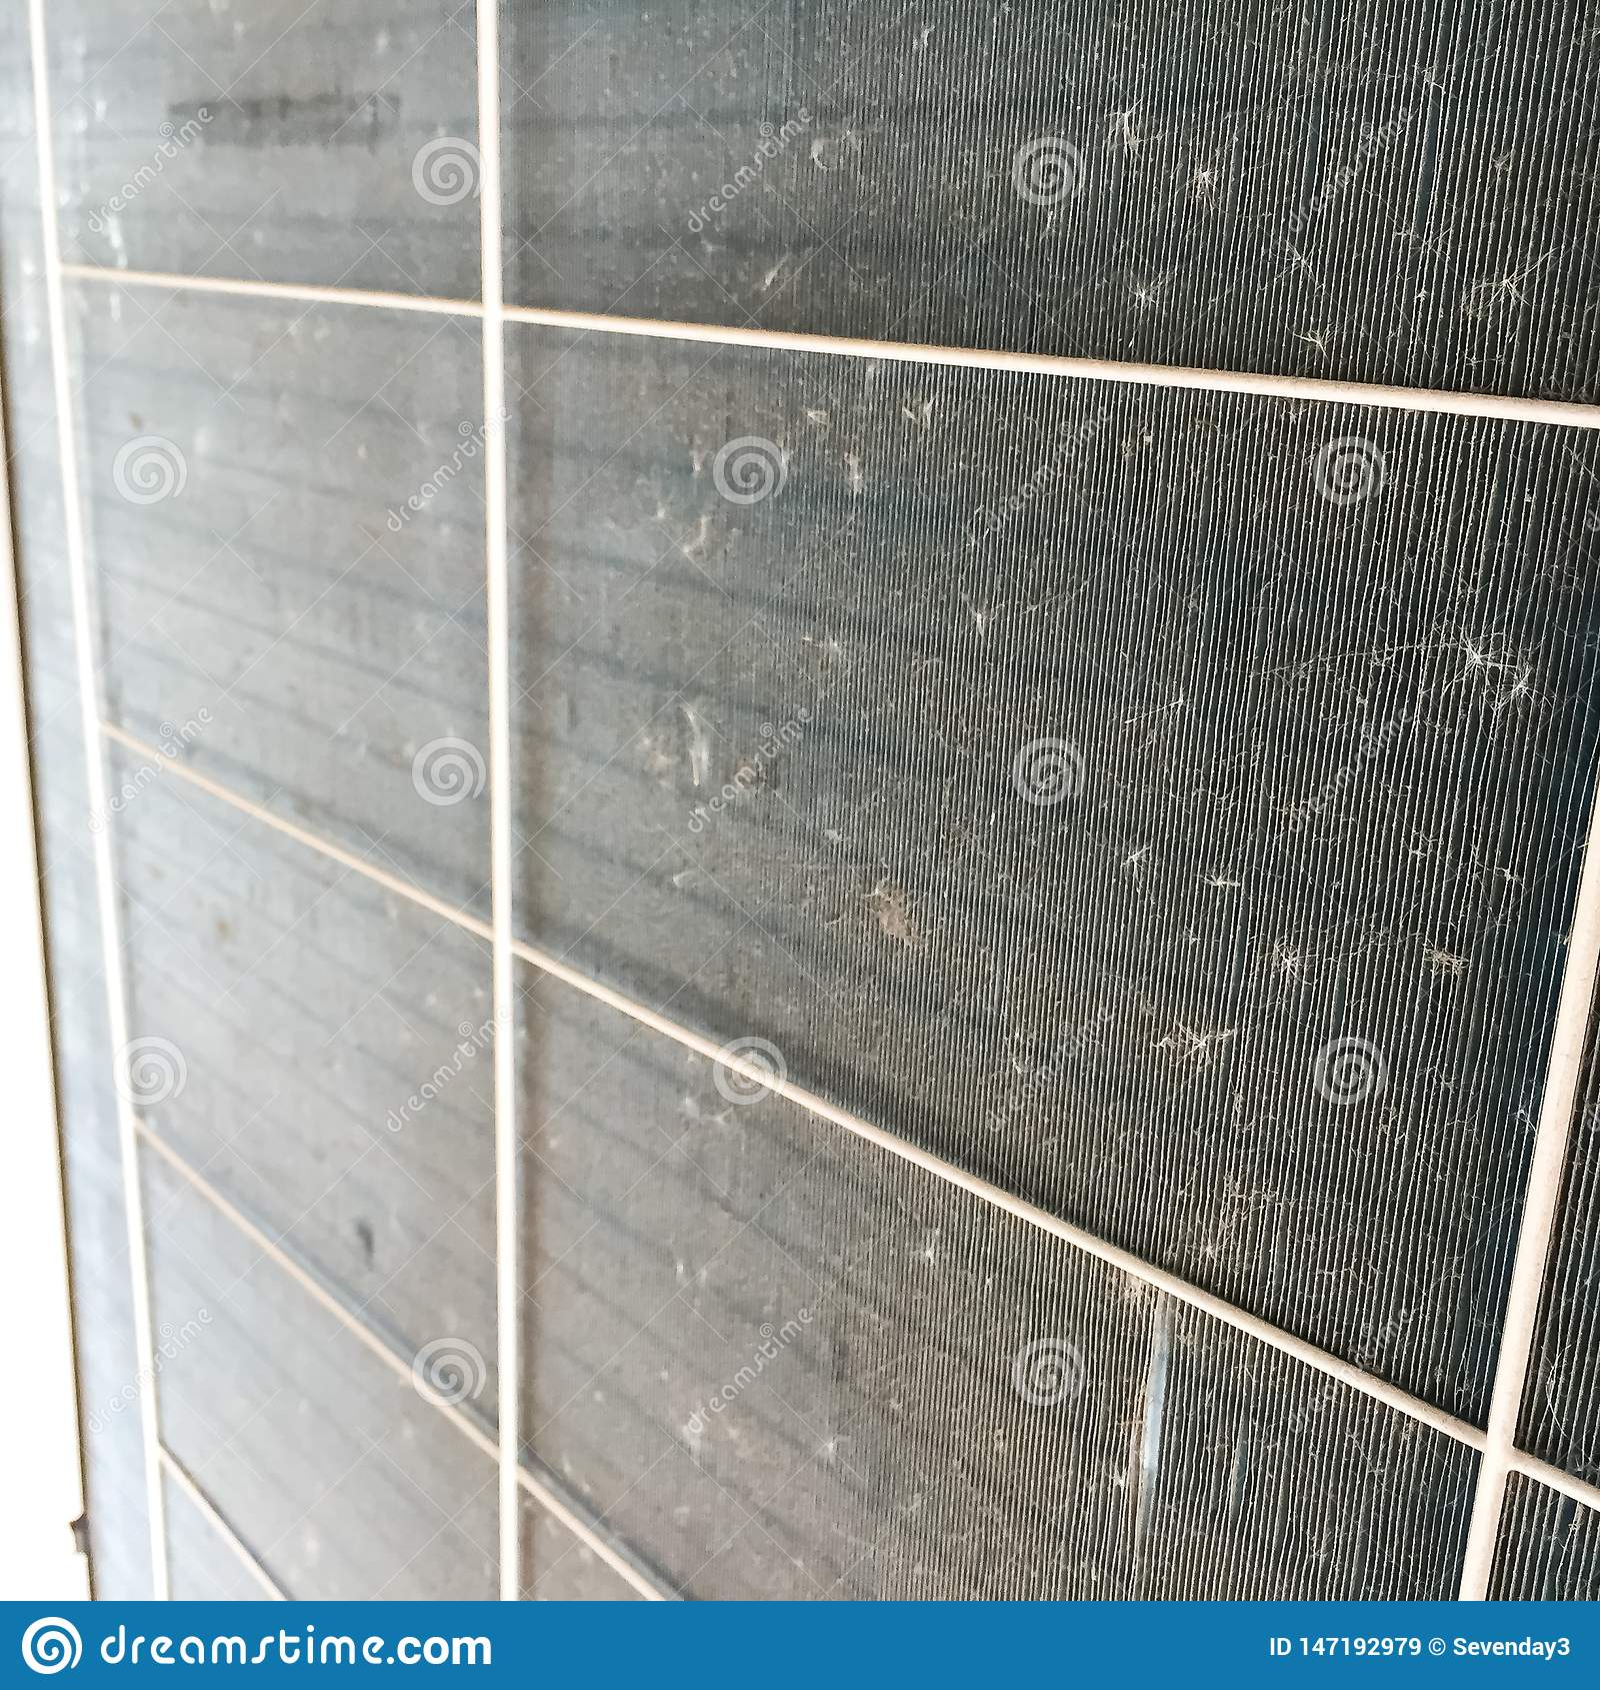 Vuil stof op compressor van airconditioner Het heeft bruin en zwart, de verschijning zoals de spinnewebben